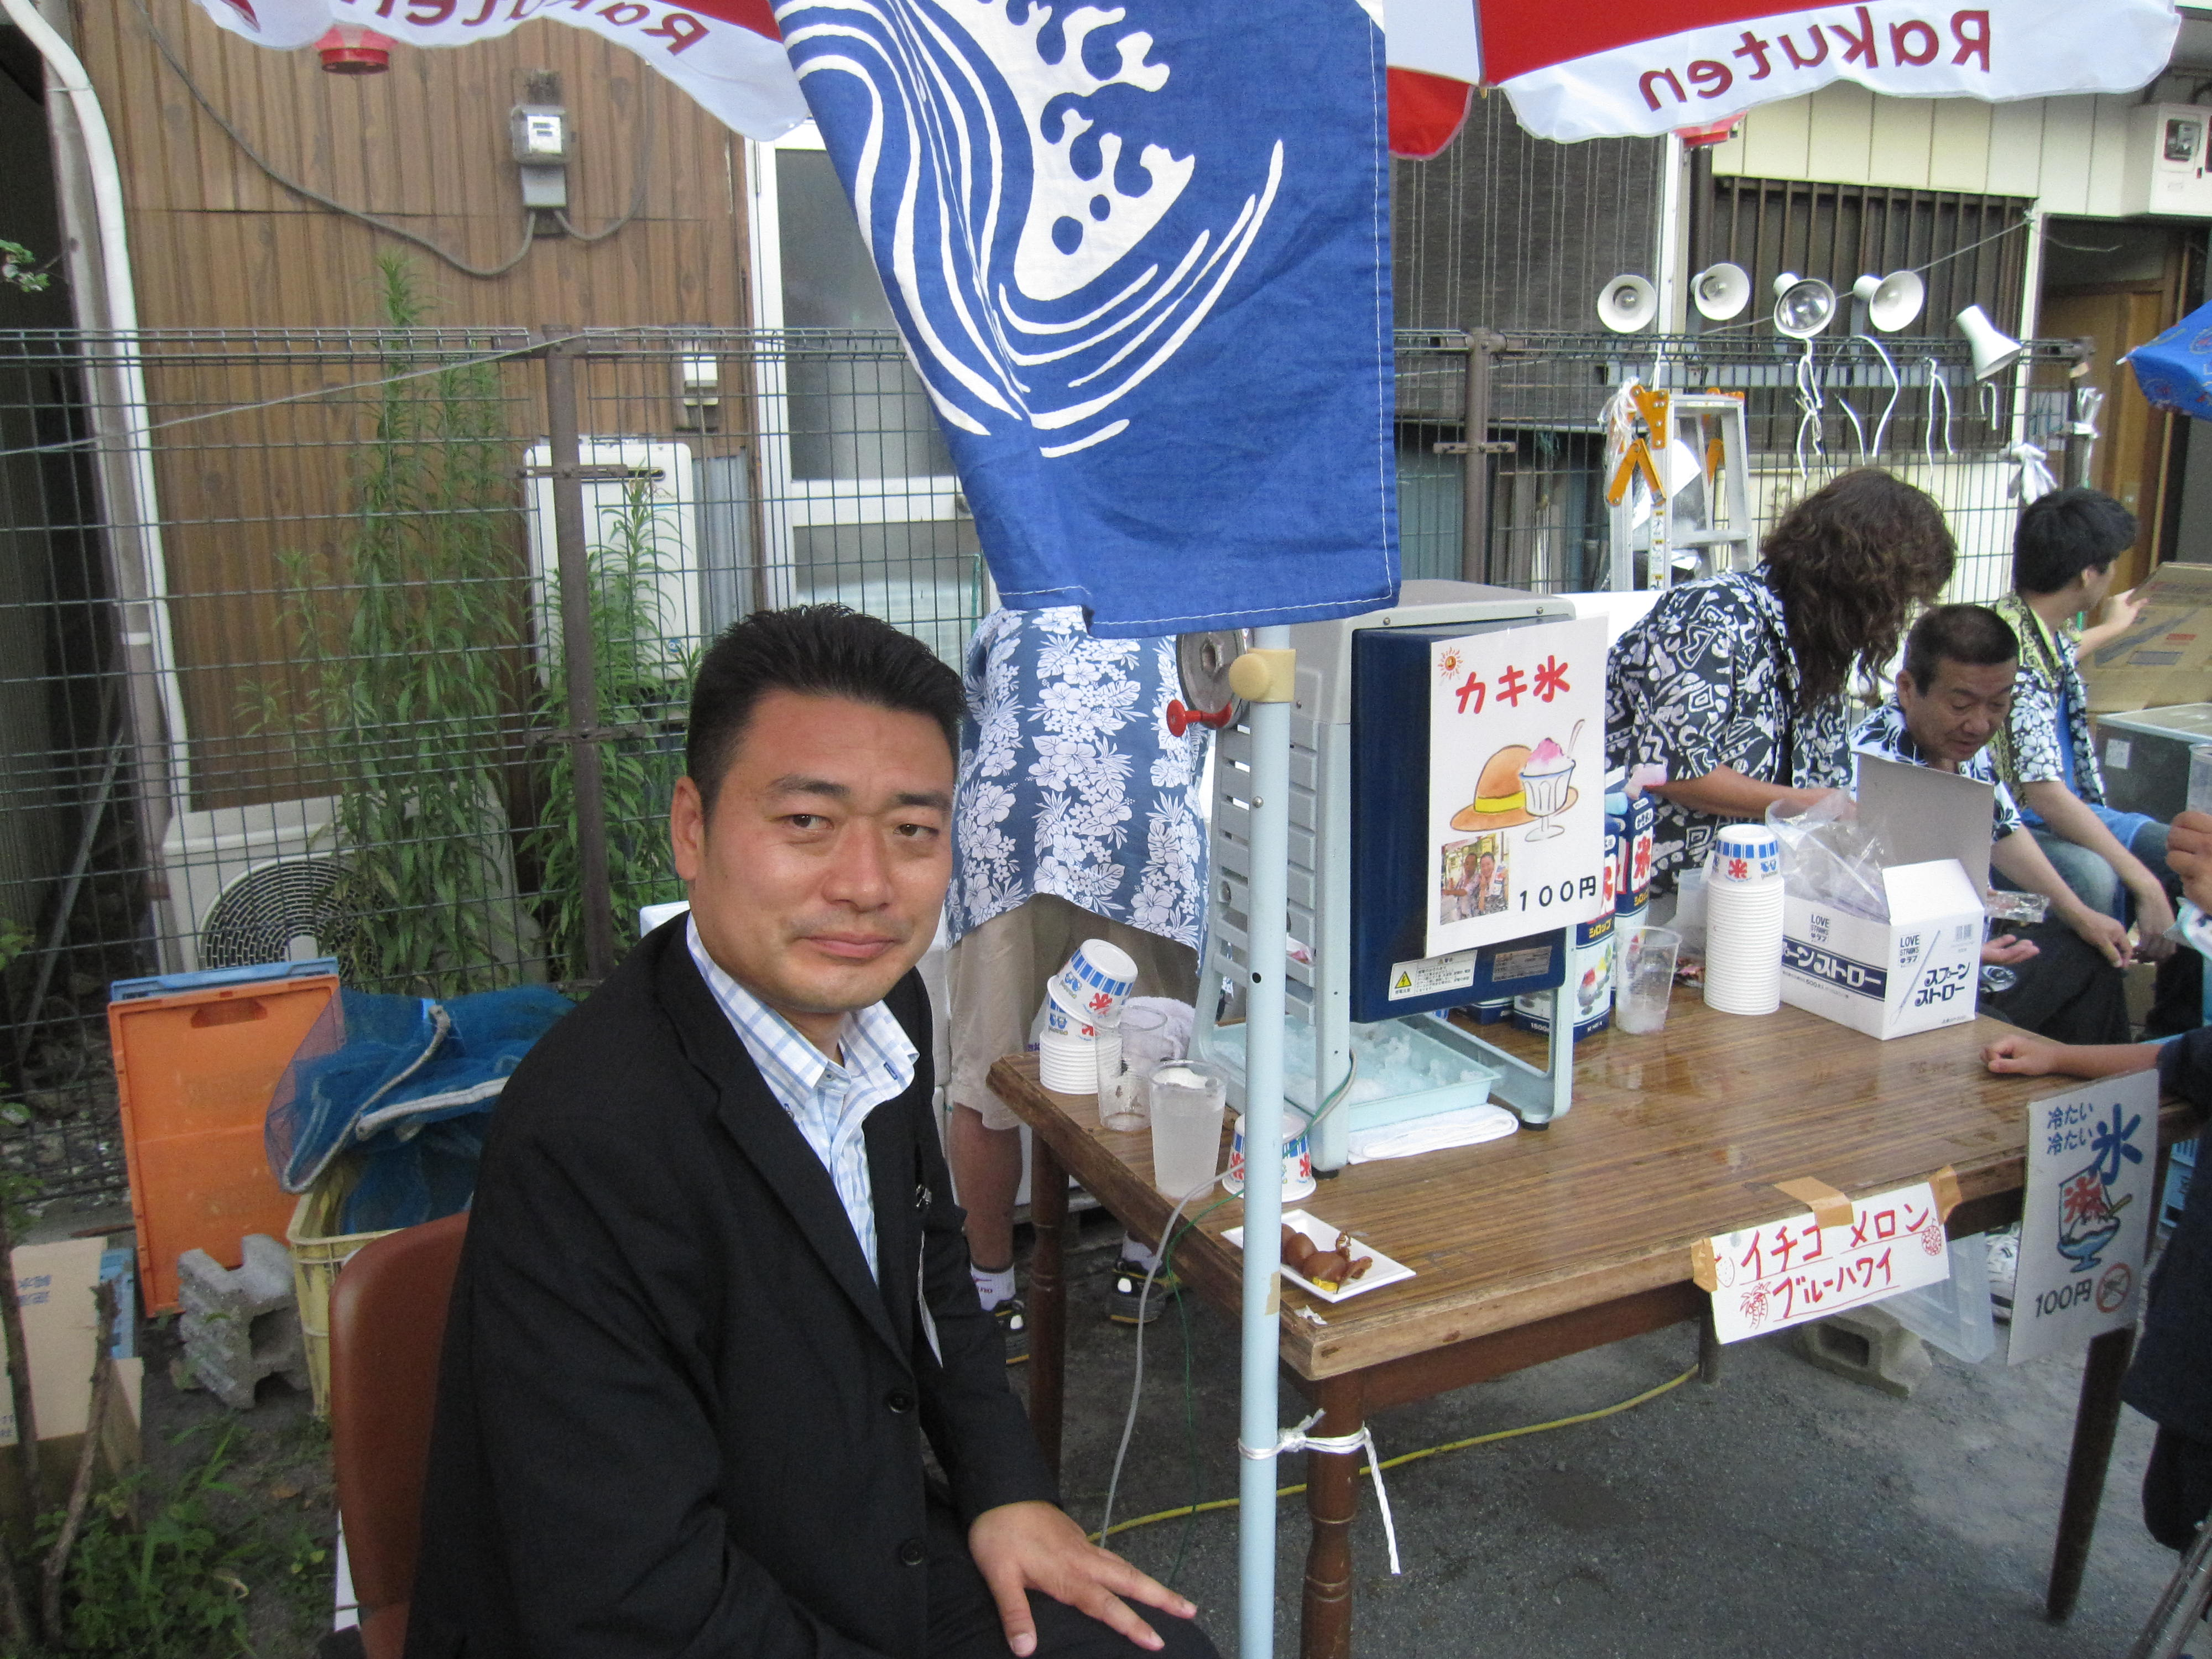 20120729町屋八丁目中央会ミニ縁日 001.jpg